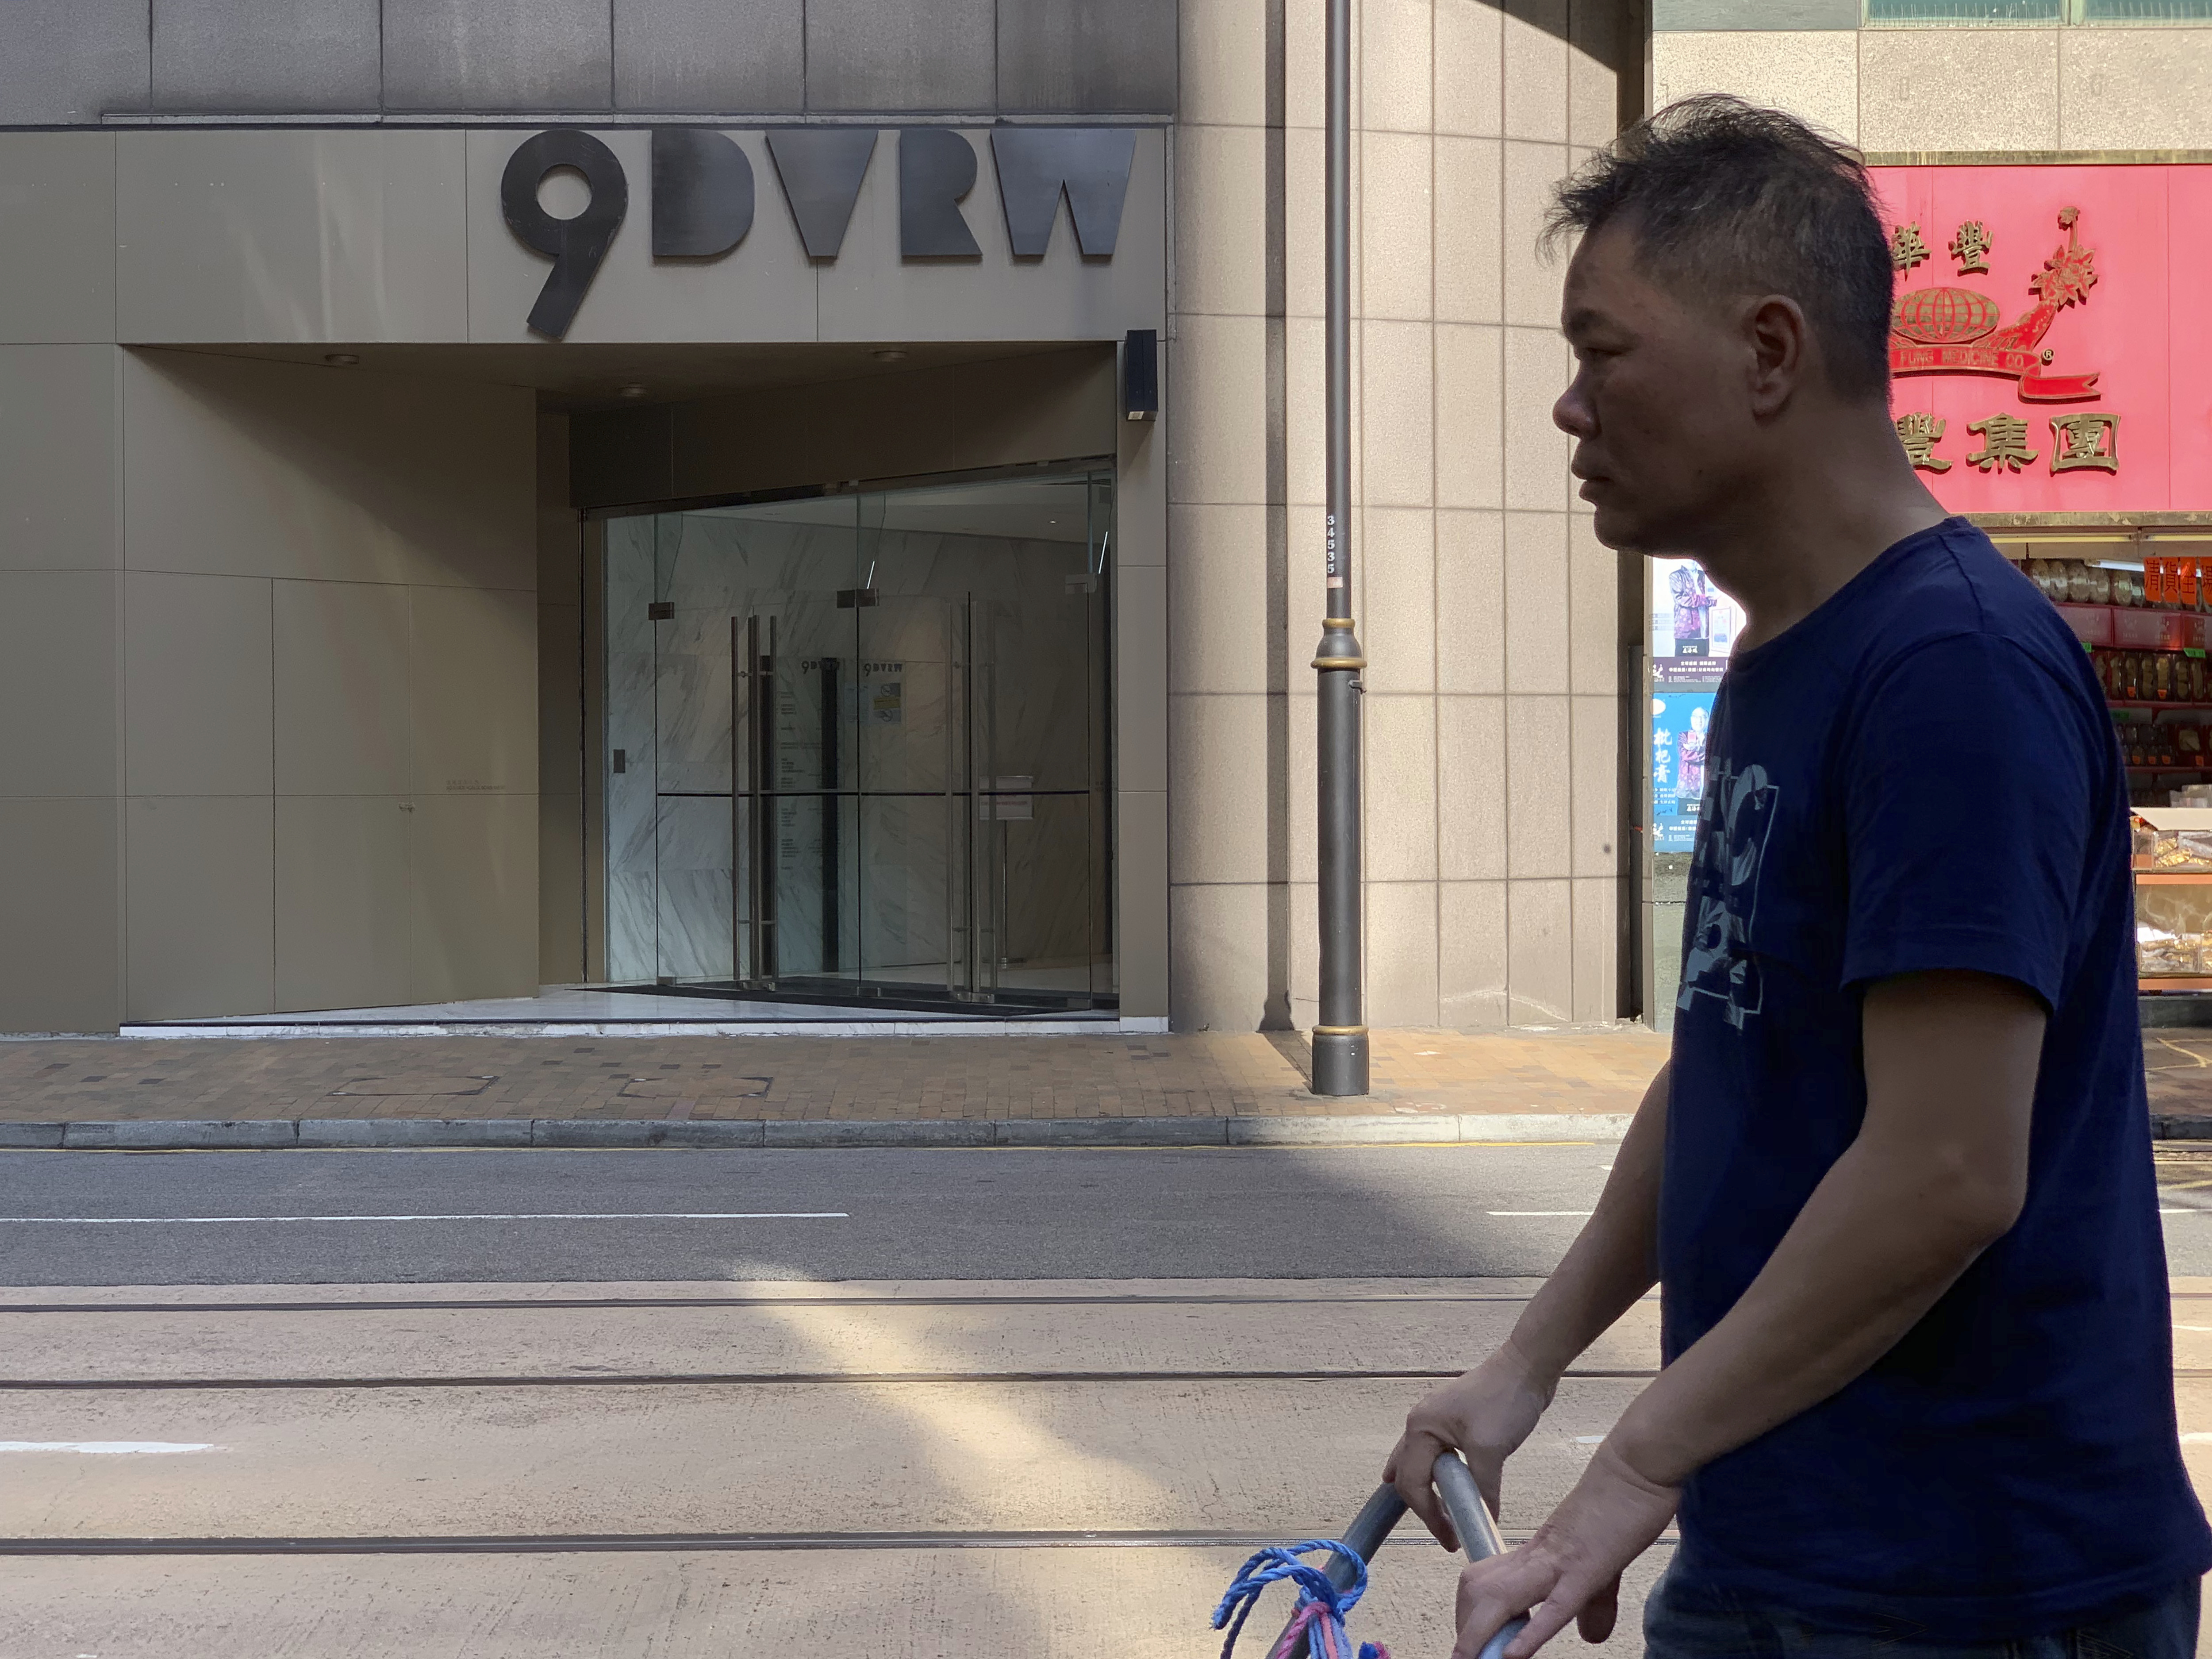 Kínai kém kért menedékjogot Ausztráliában